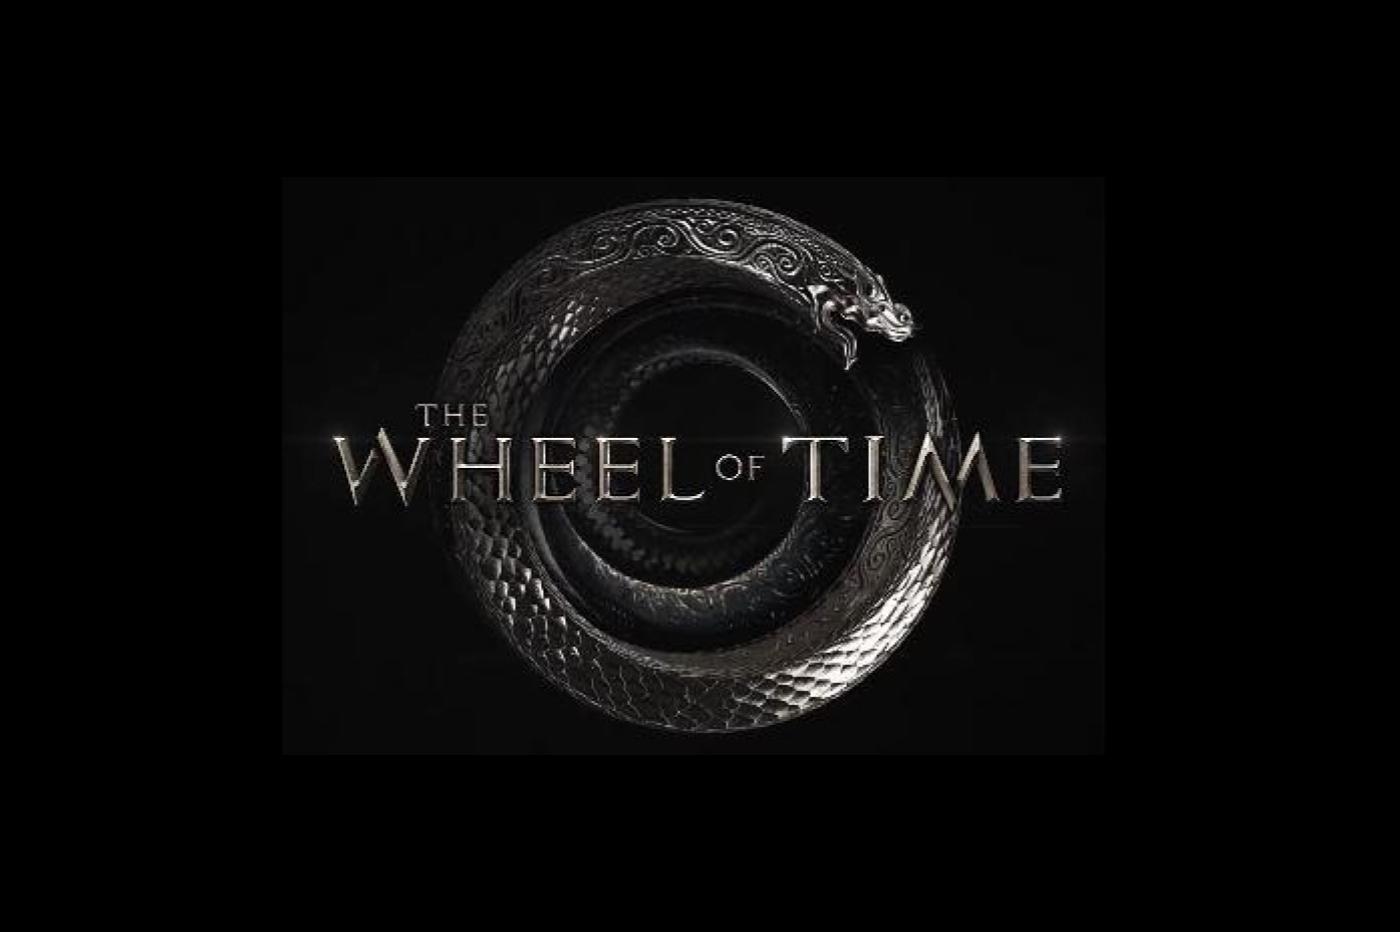 The Wheel of Time Amazon prime